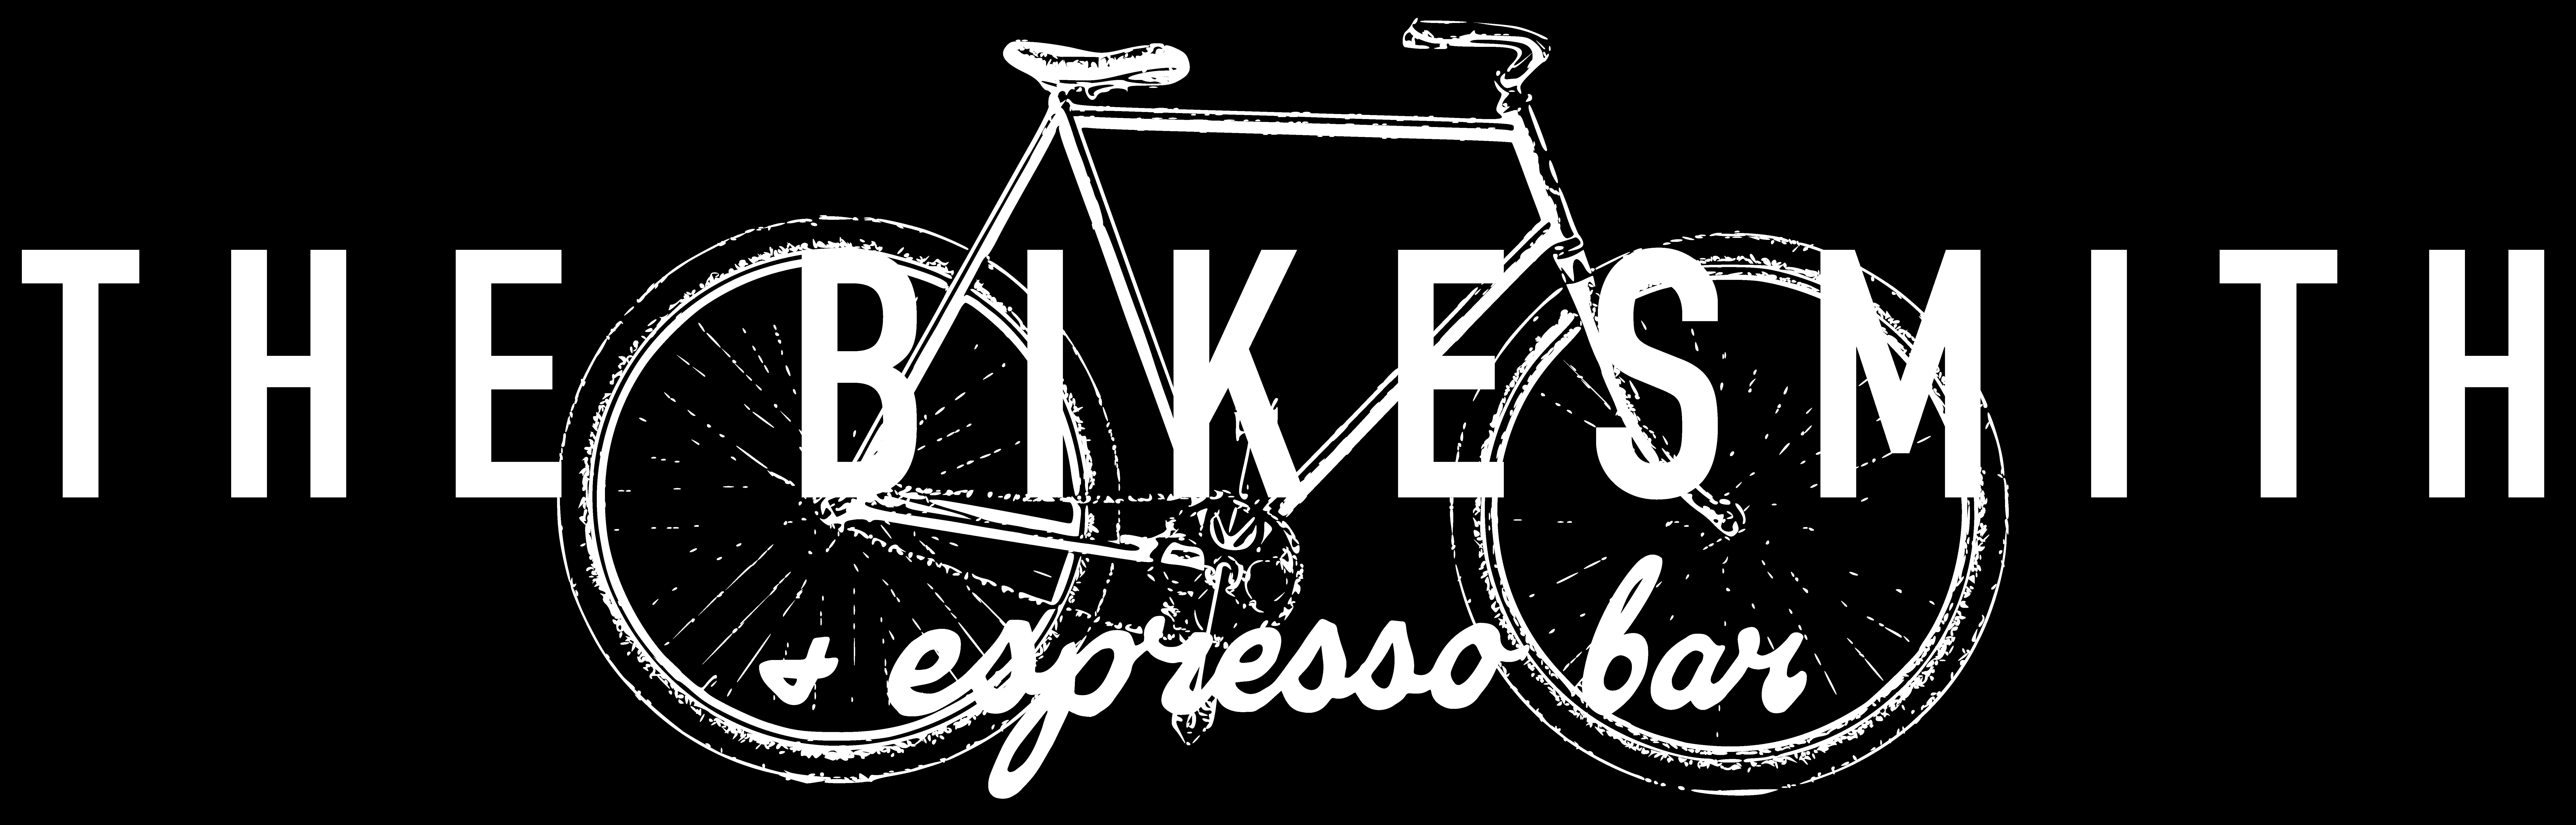 The Bikesmith & Espresso Bar